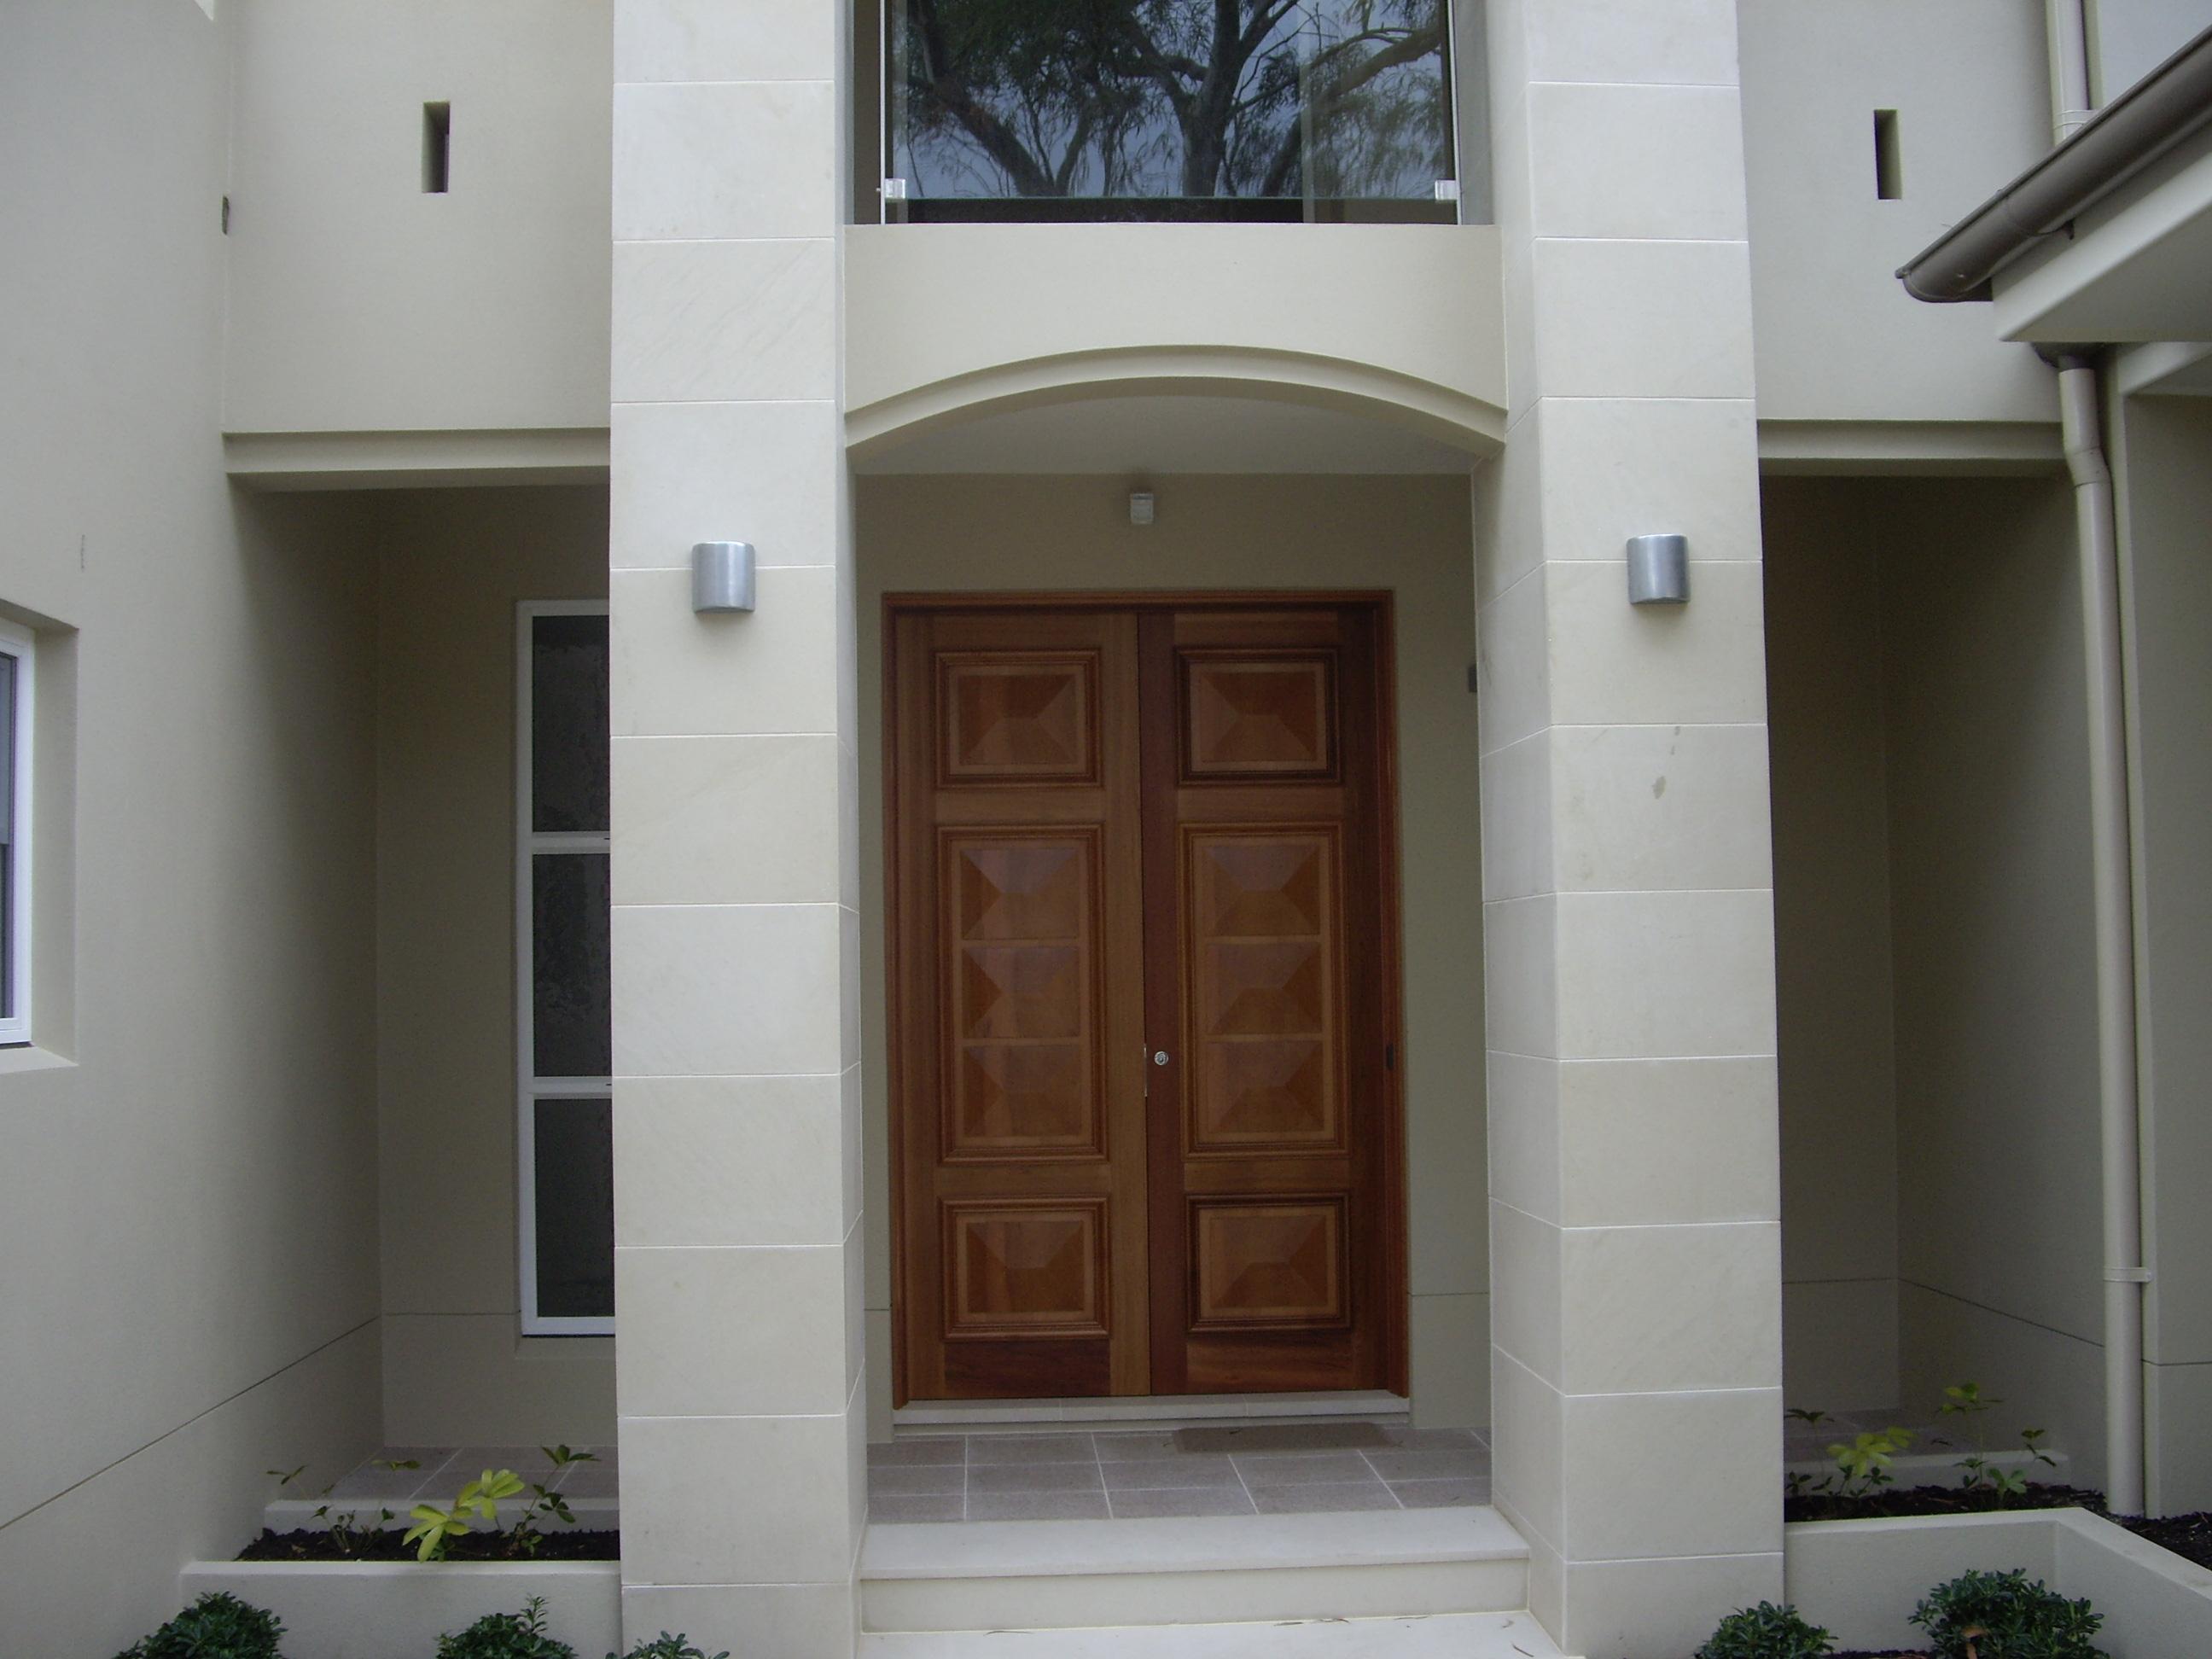 Sandbar - Cladding Sydney Villa